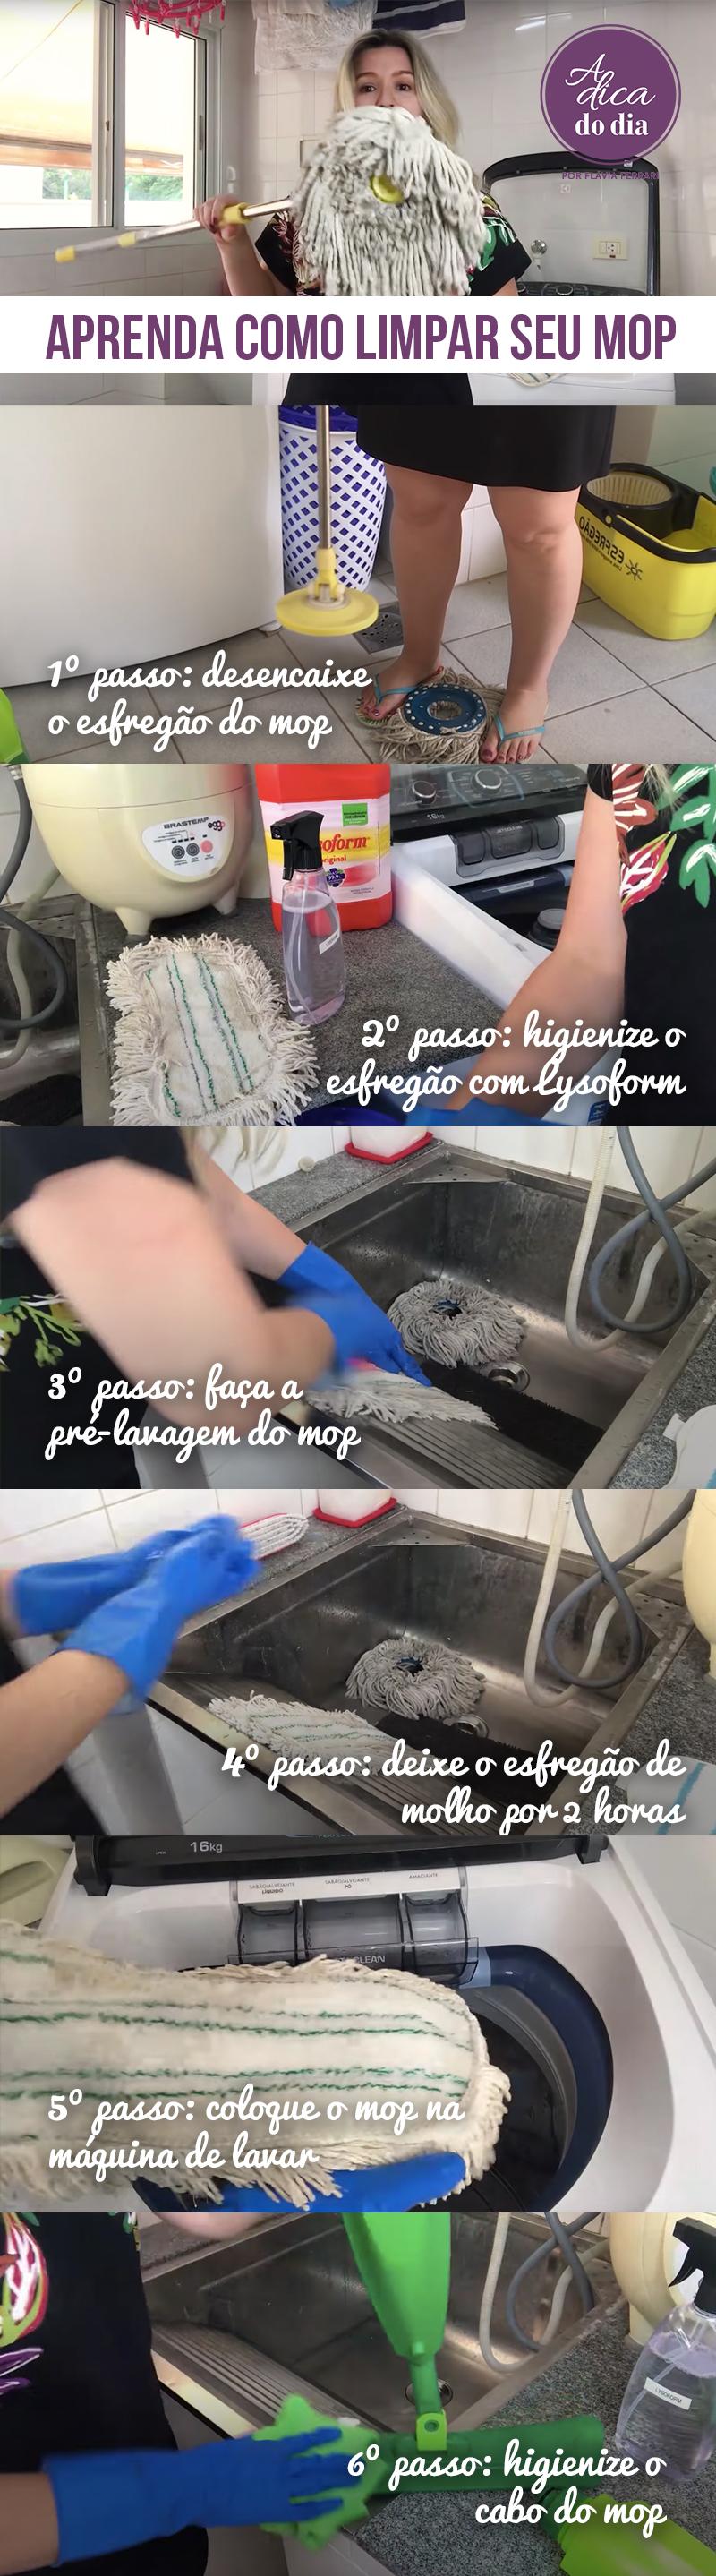 Aprenda como limpar o MOP A Dica do Dia Flávia Ferrari